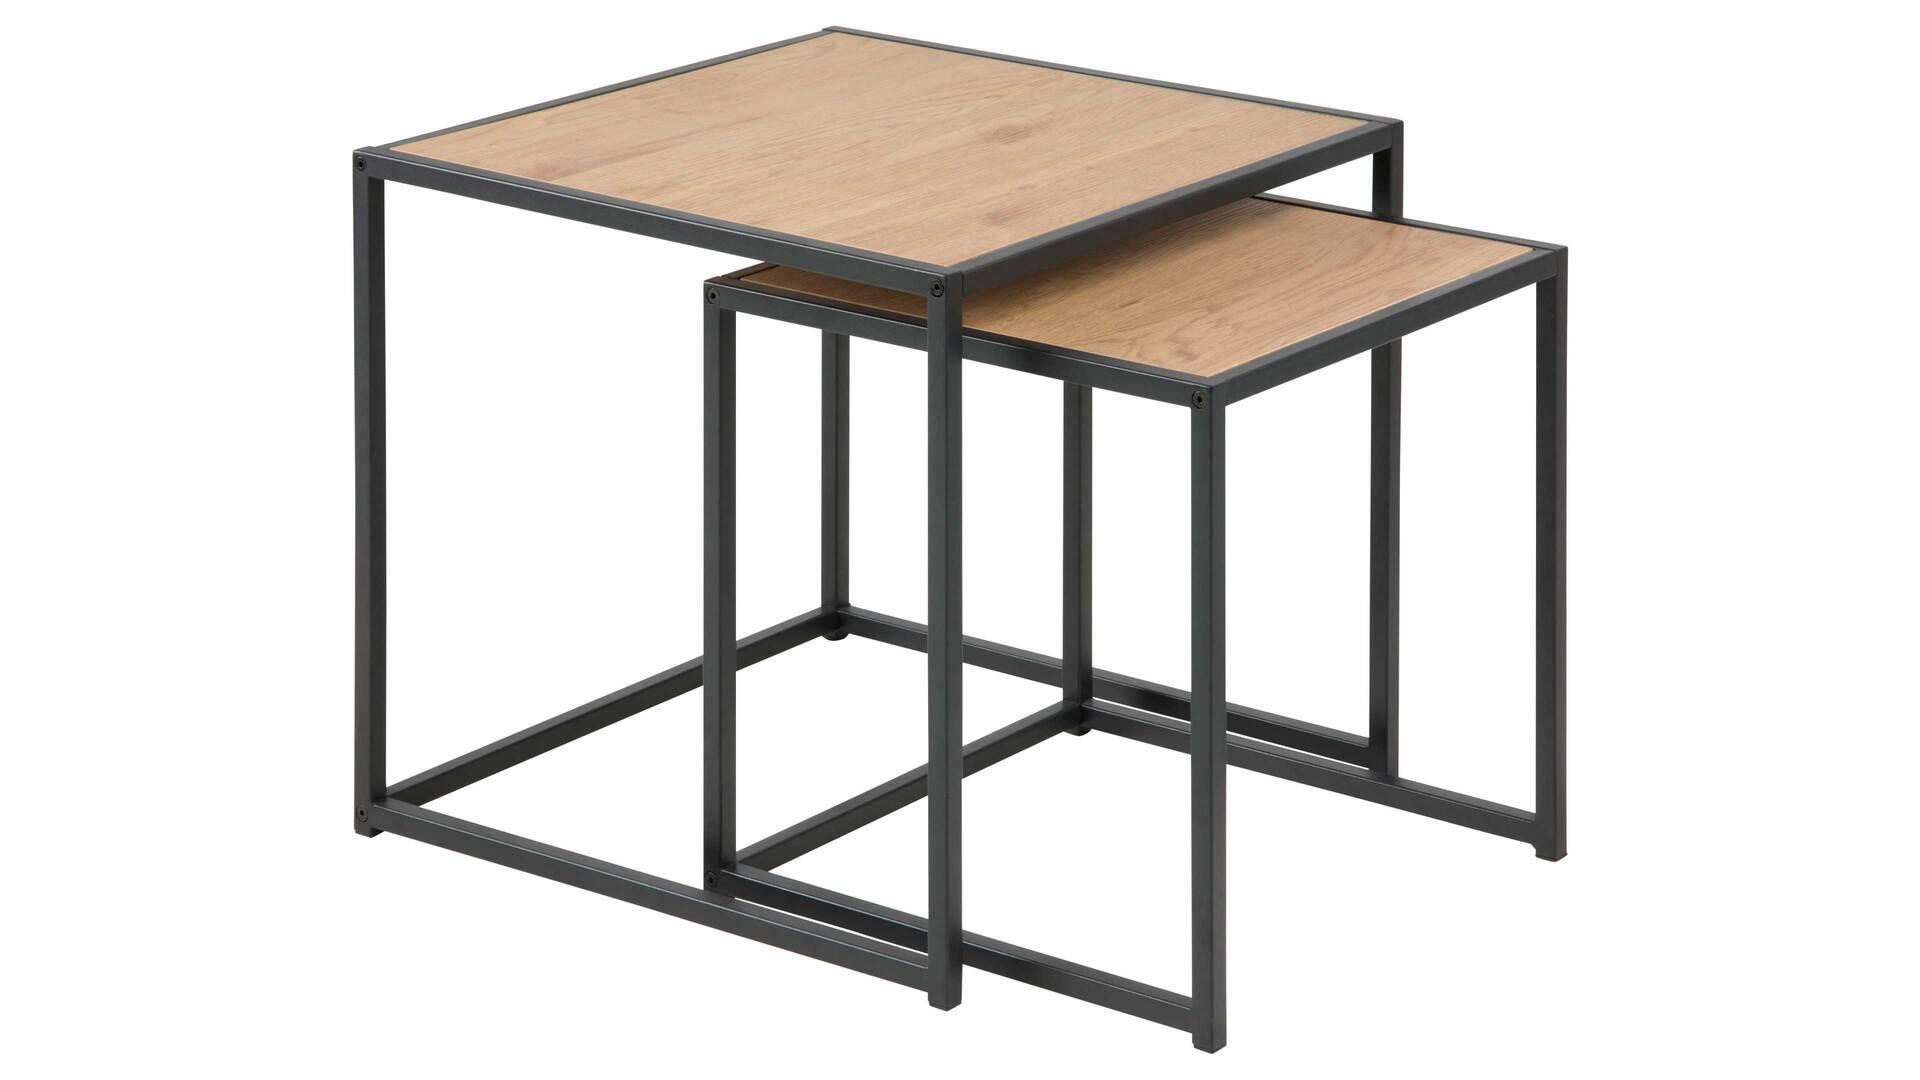 2-Satz-Tisch im Industrielook bzw. Beistelltische